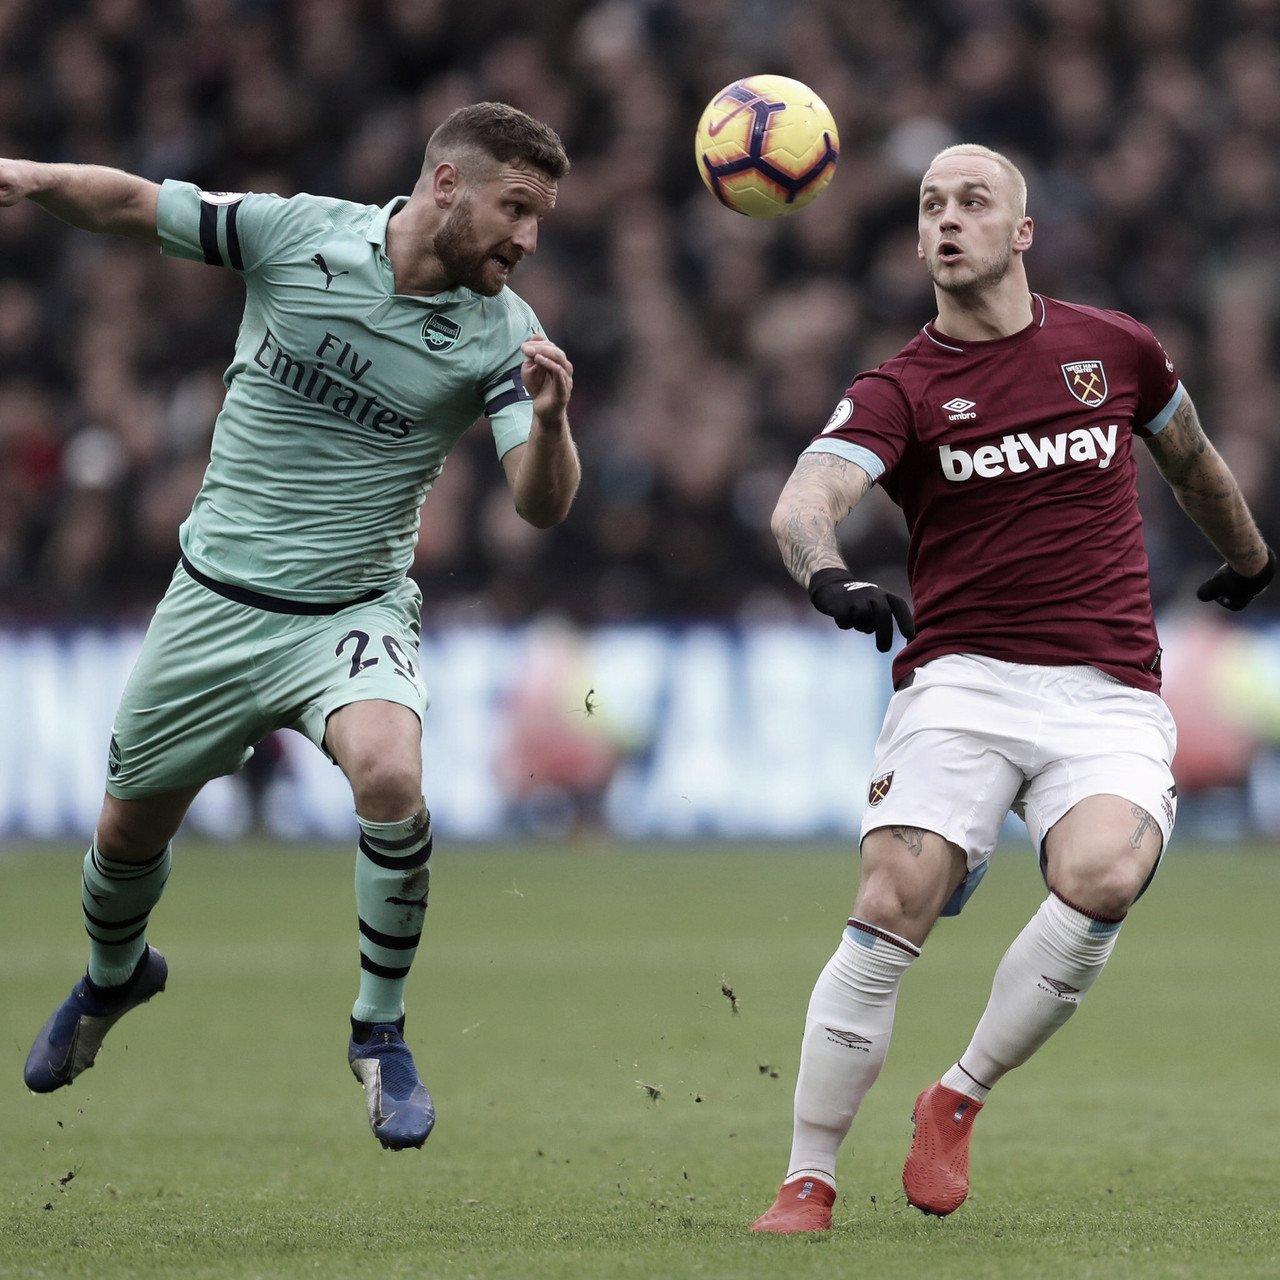 Em jogo truncado, West Ham derrota Arsenal pela Premier League